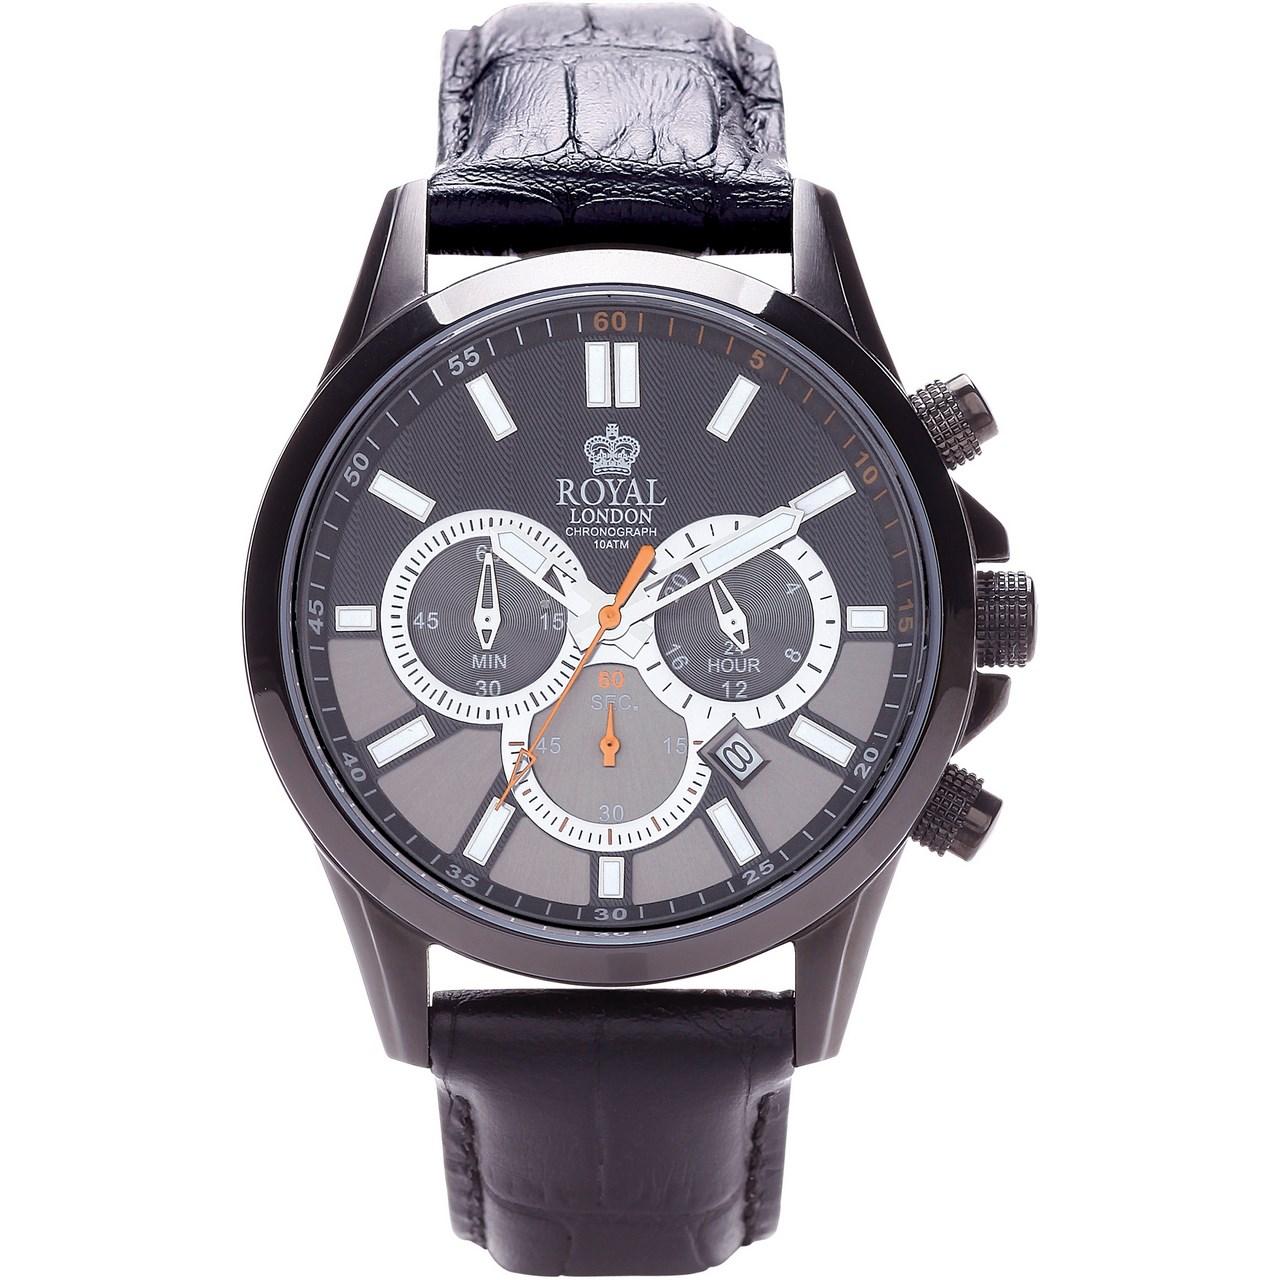 ساعت مچی عقربه ای مردانه رویال لندن مدل RL-41003-02